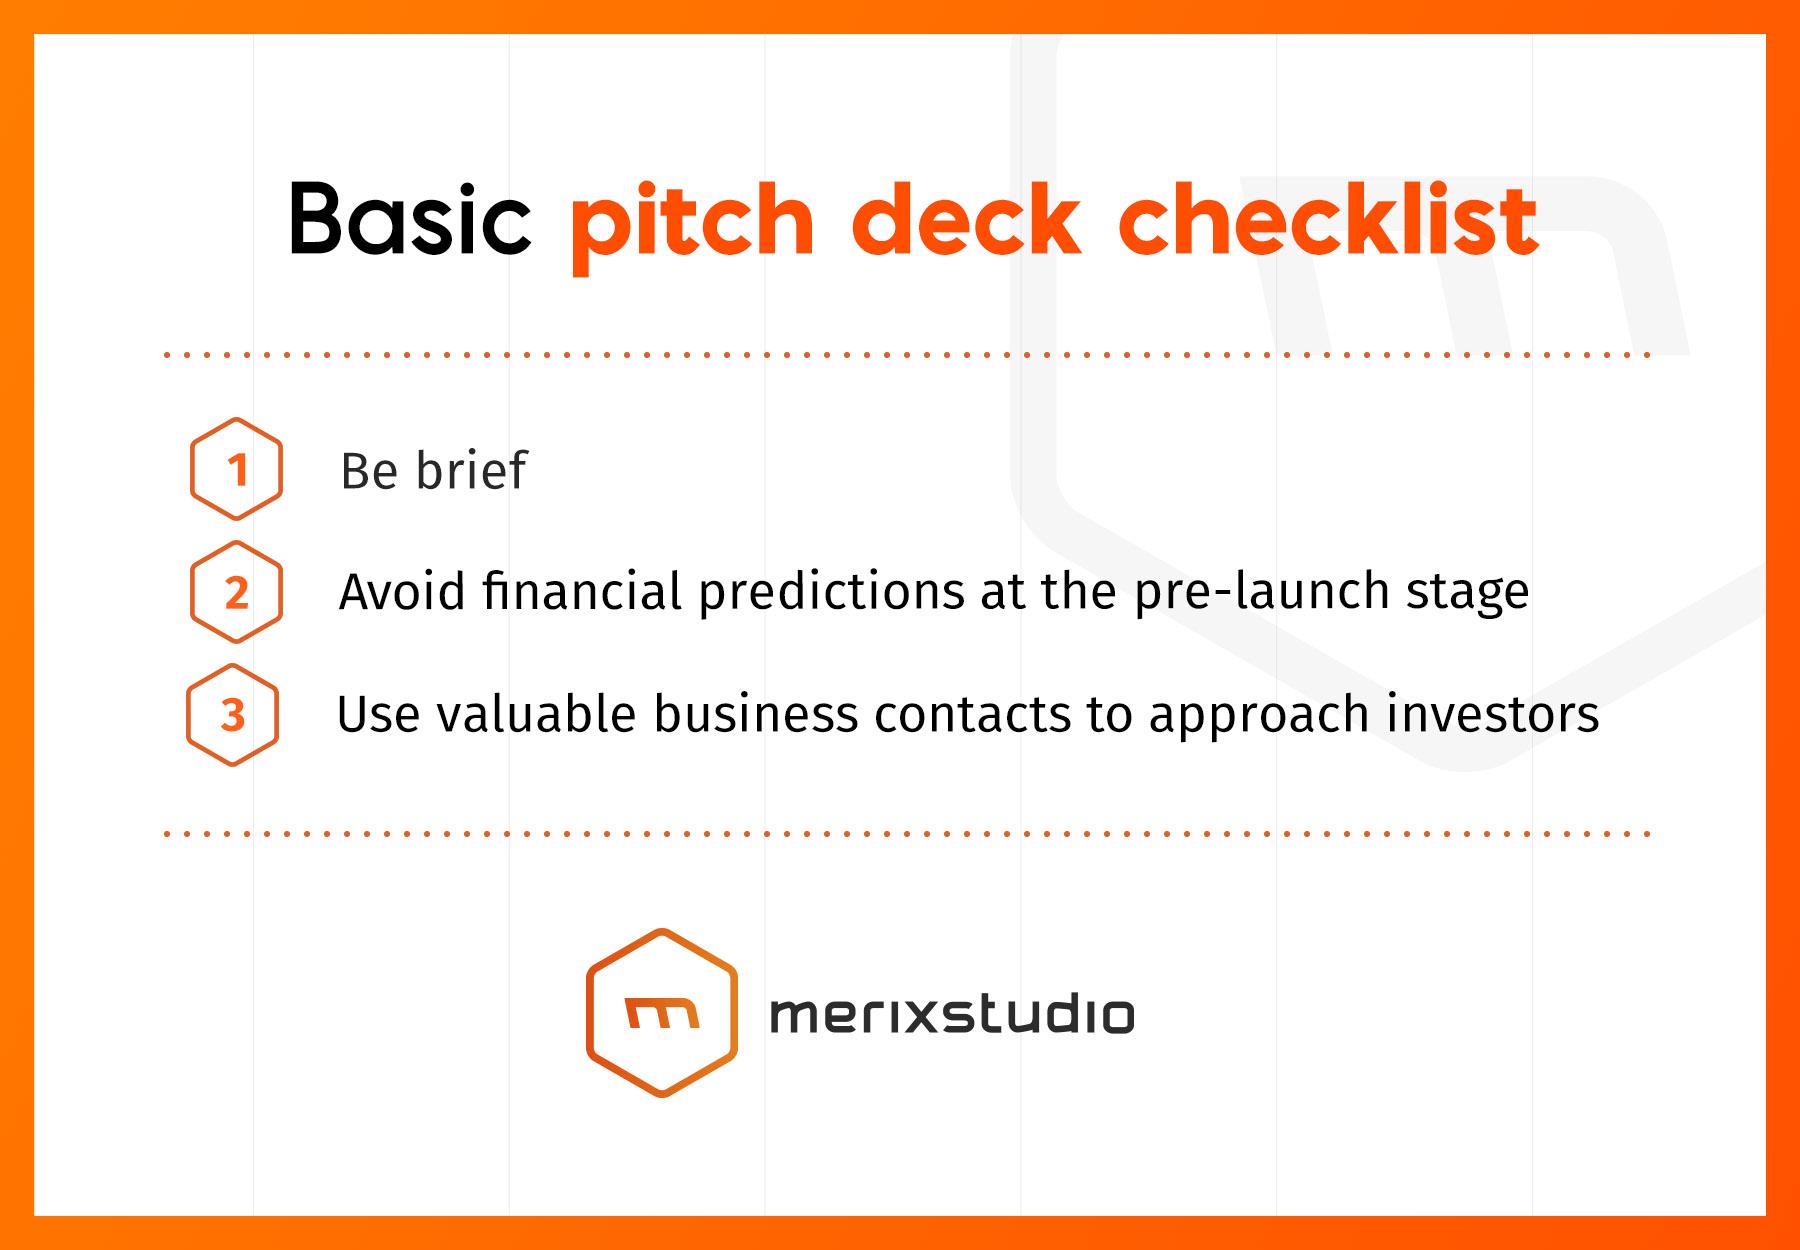 Basic pitch deck checklist